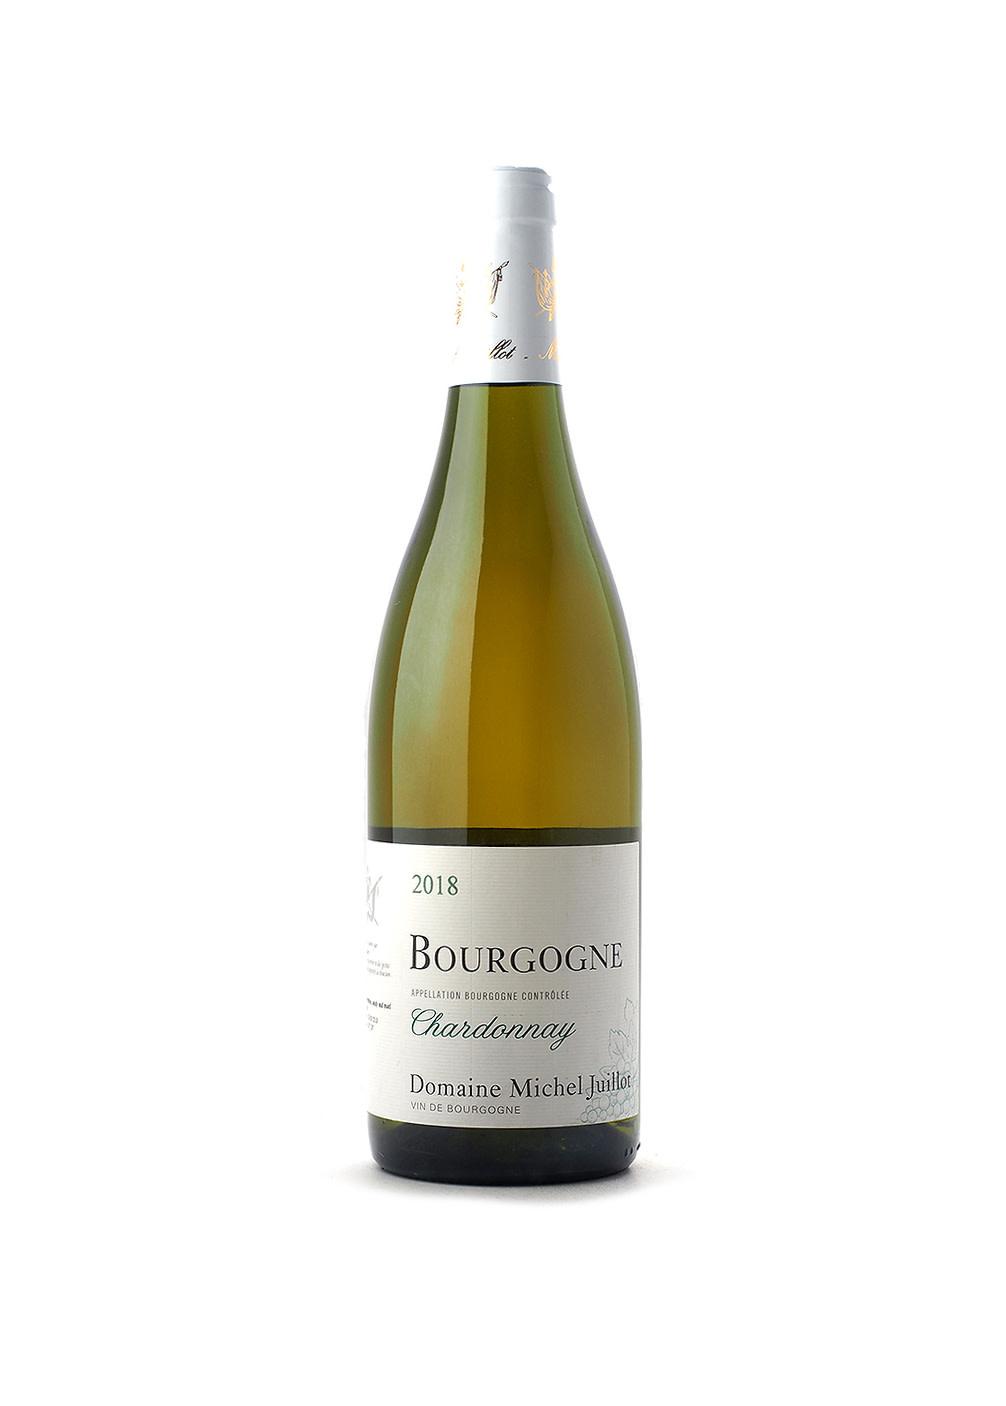 Domaine Michel Juillot Bourgogne Blanc 2018